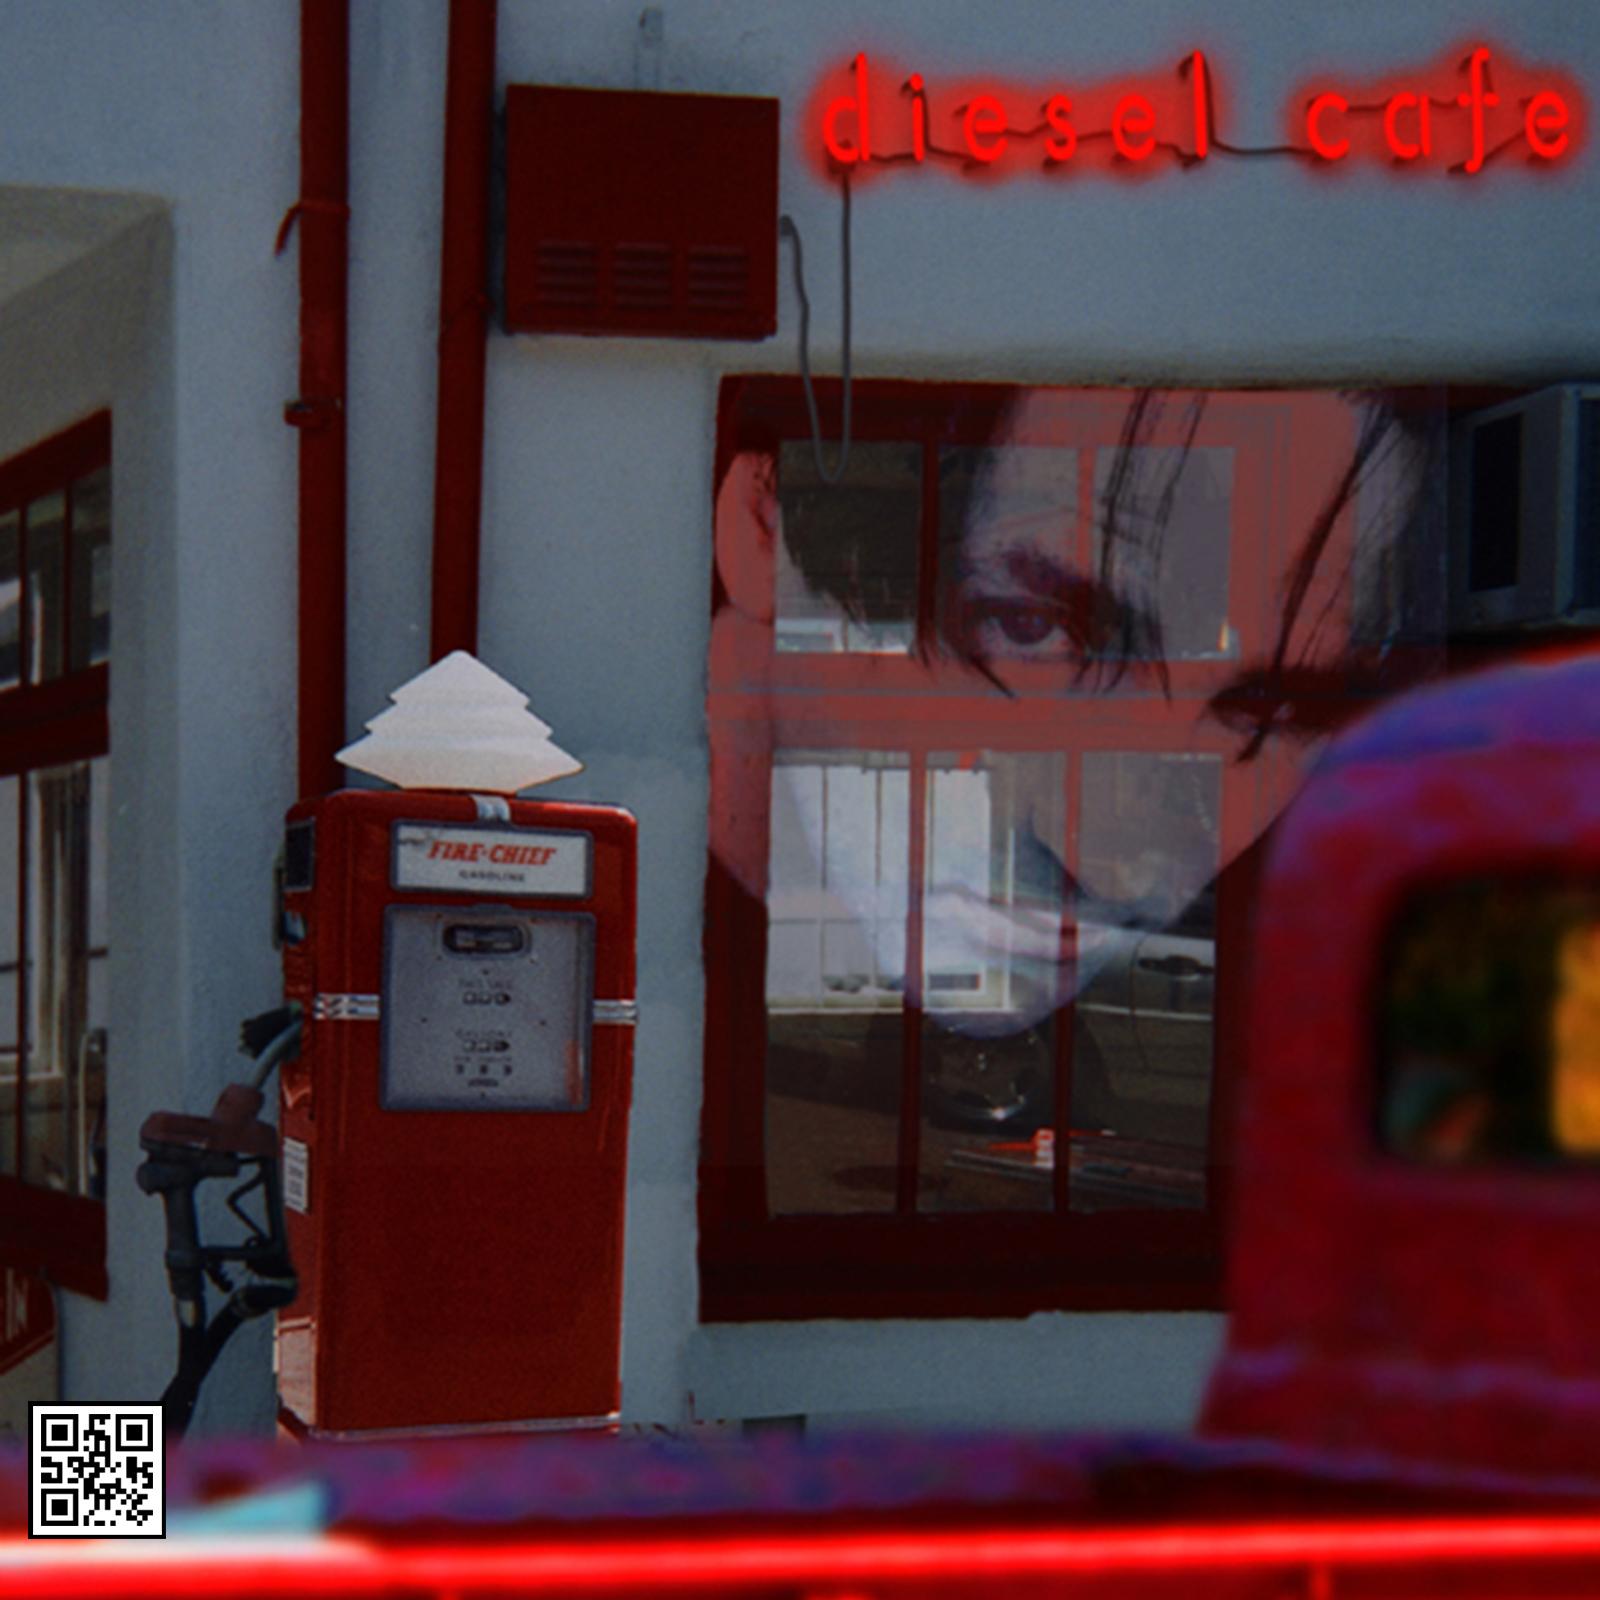 Diesel Cafe – Diesel Cafe